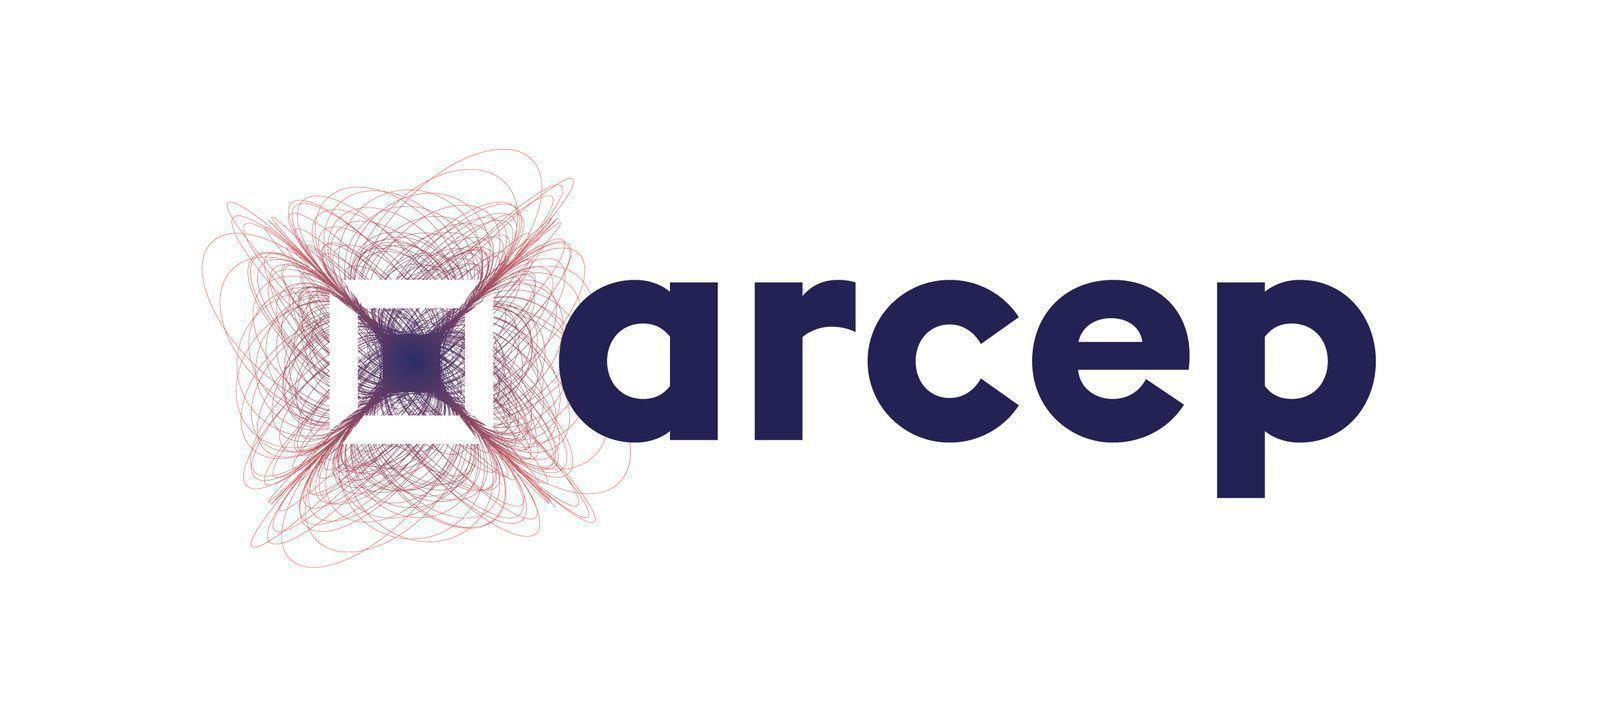 Bande 3,5 GHz : L'ARCEP proroge l'autorisation de CANAL+ Telecom en Guyane !